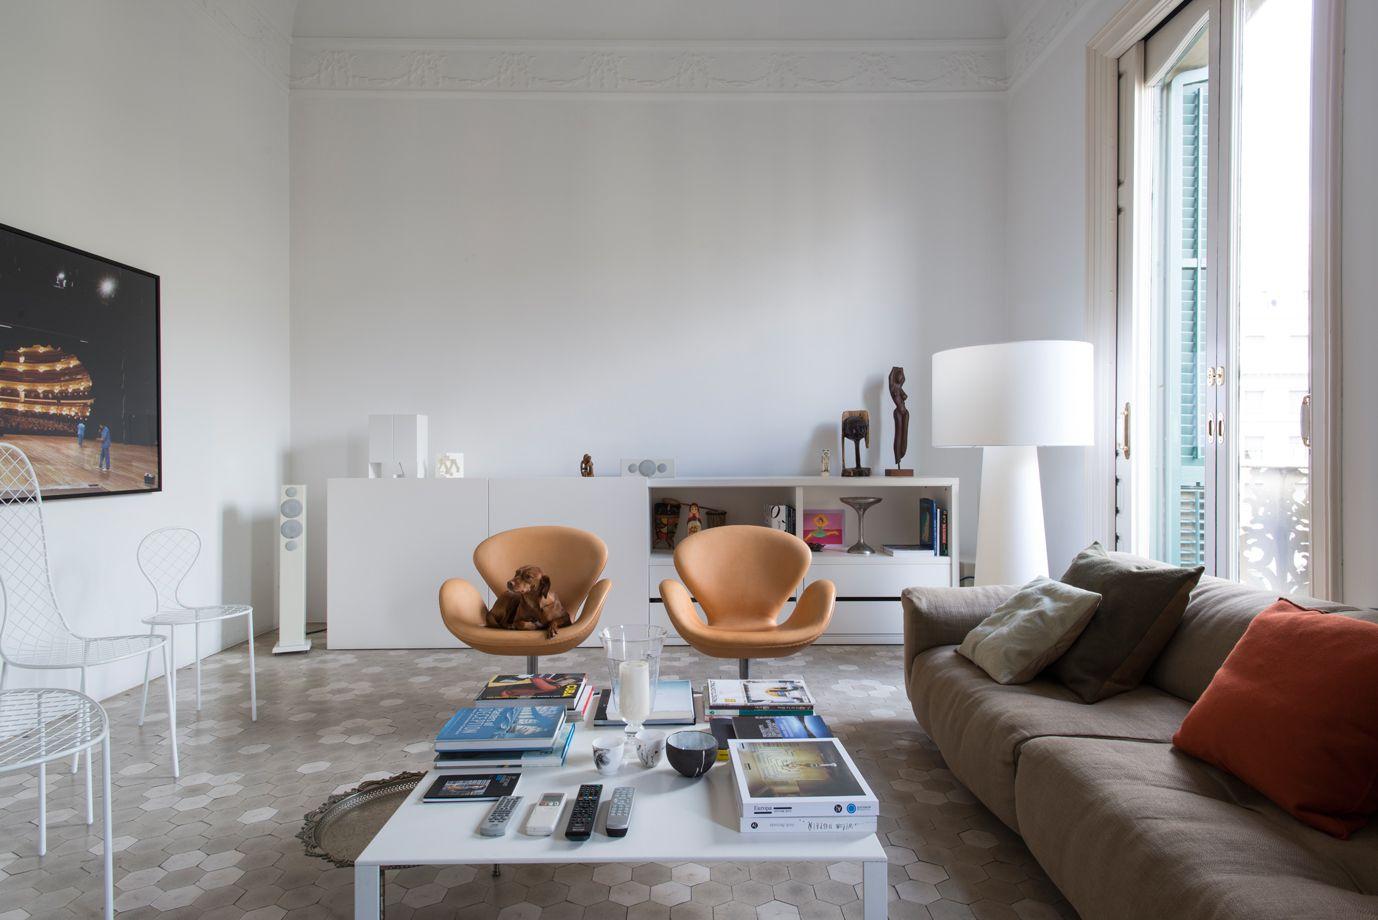 Arredi classici e moderni in una casa in stile Gaudì ...